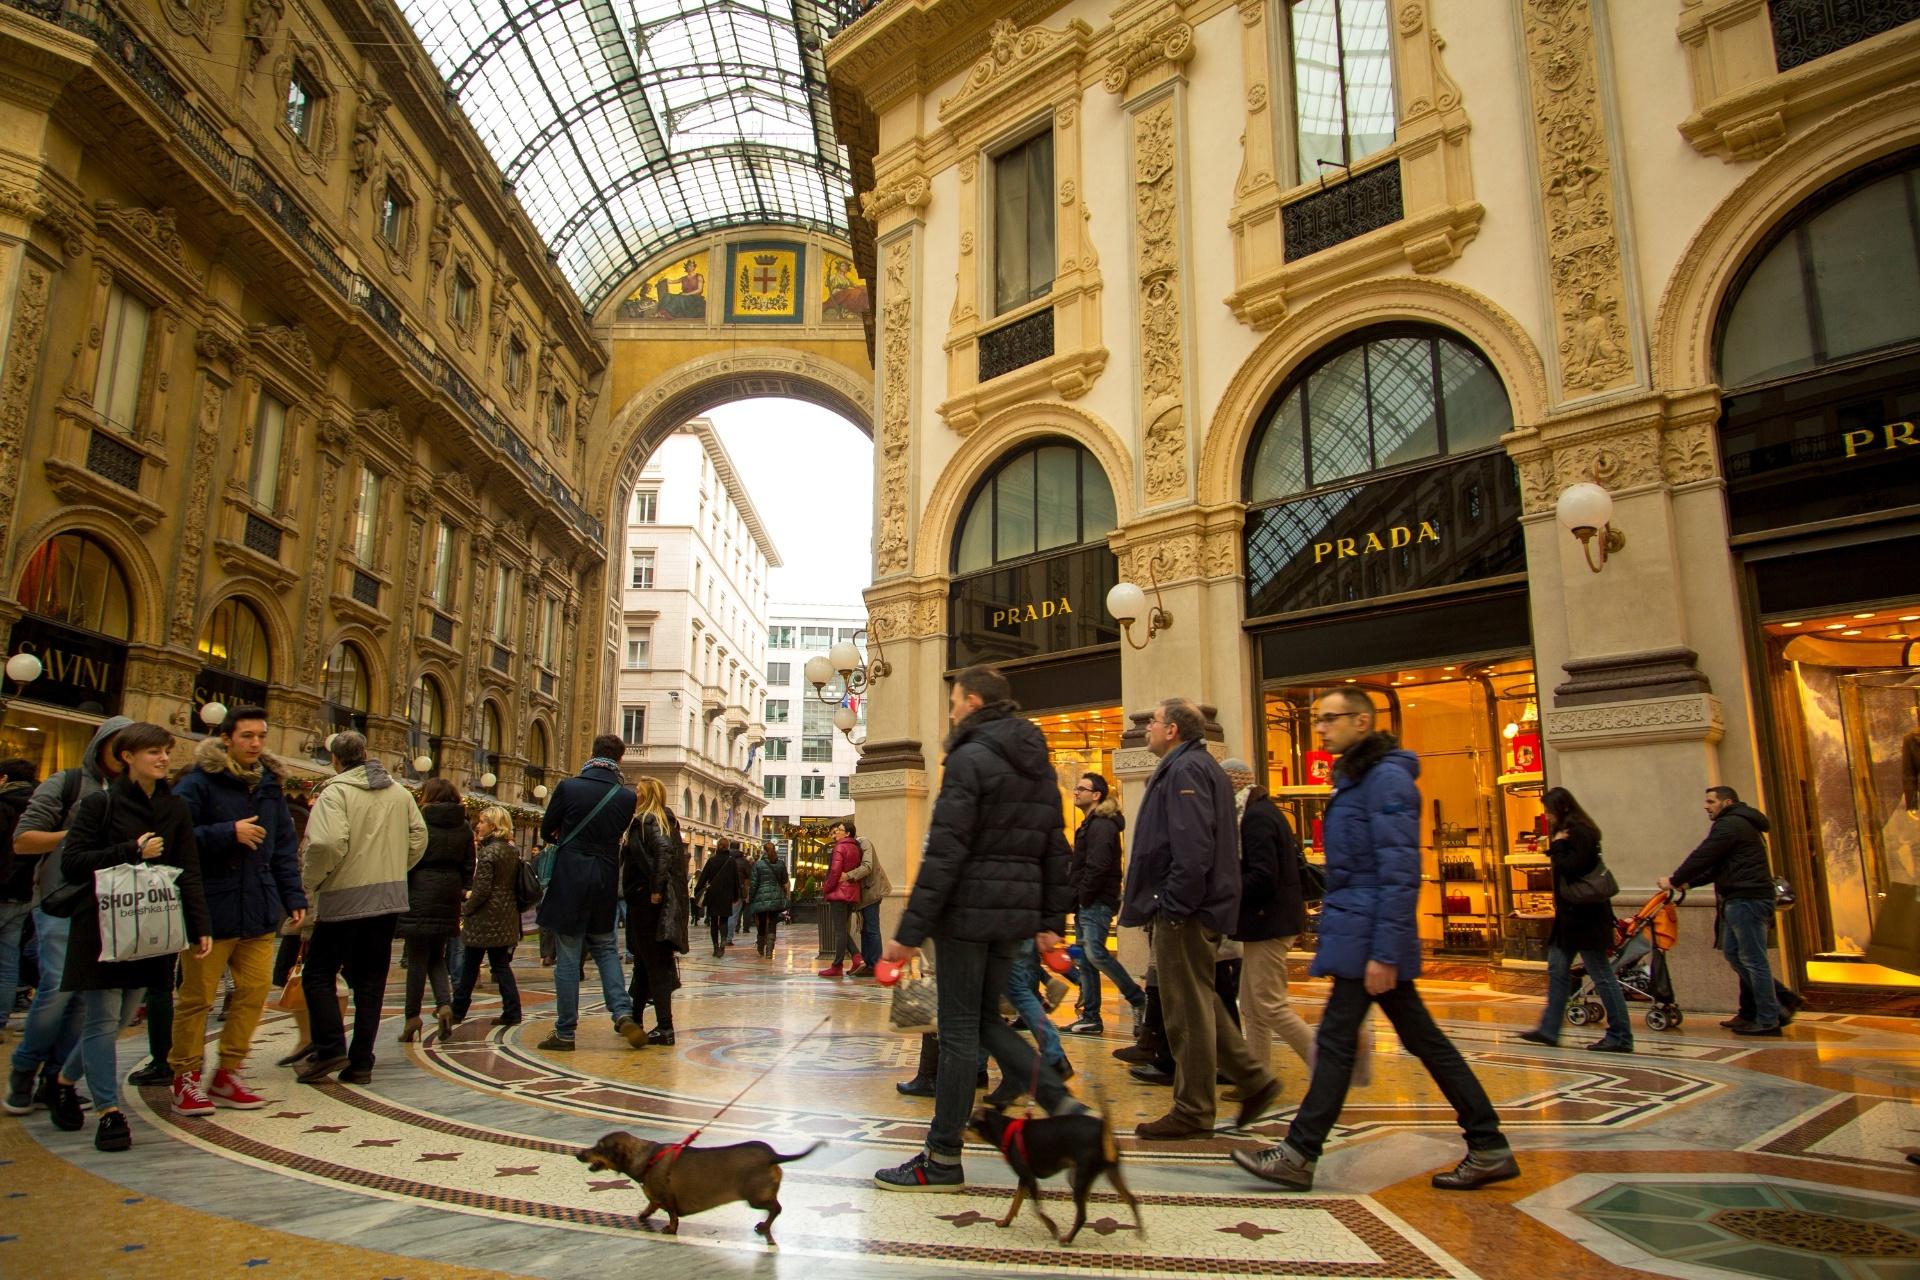 067efbdf3 Terra da Prada e de culinária chique, Milão é para quem gosta de glamour -  27/03/2015 - UOL Viagem